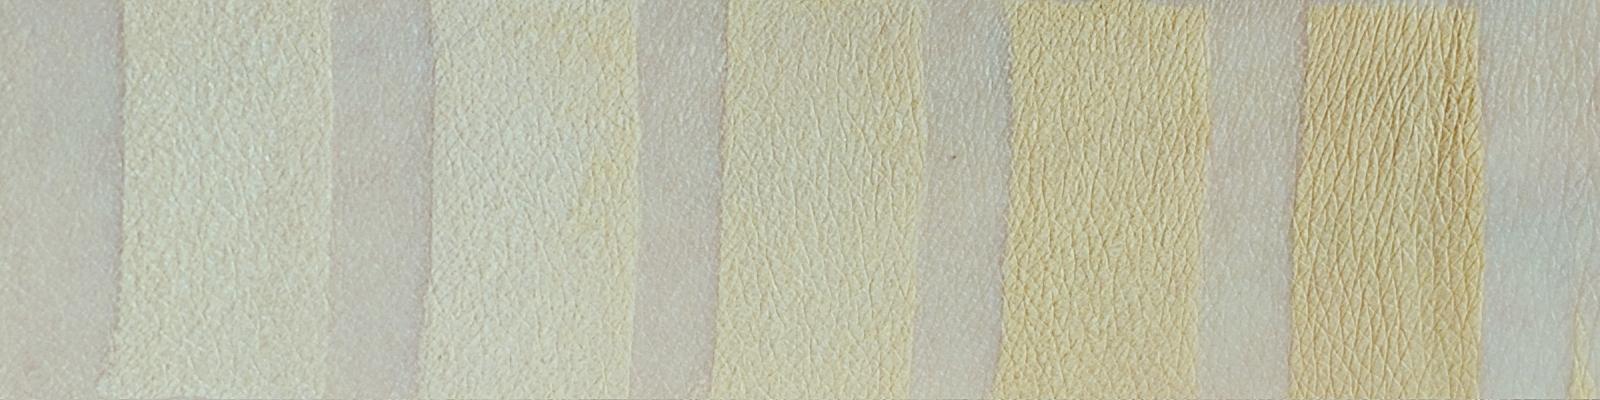 amilie mineral cosmetics satin podkład mineralny rozświetlający podkład mineralny dla suchej skóry sesame soft honey creme brulee sandy medium cappucino żółte tony w podkładzie podkład dla nacyznkowej cery